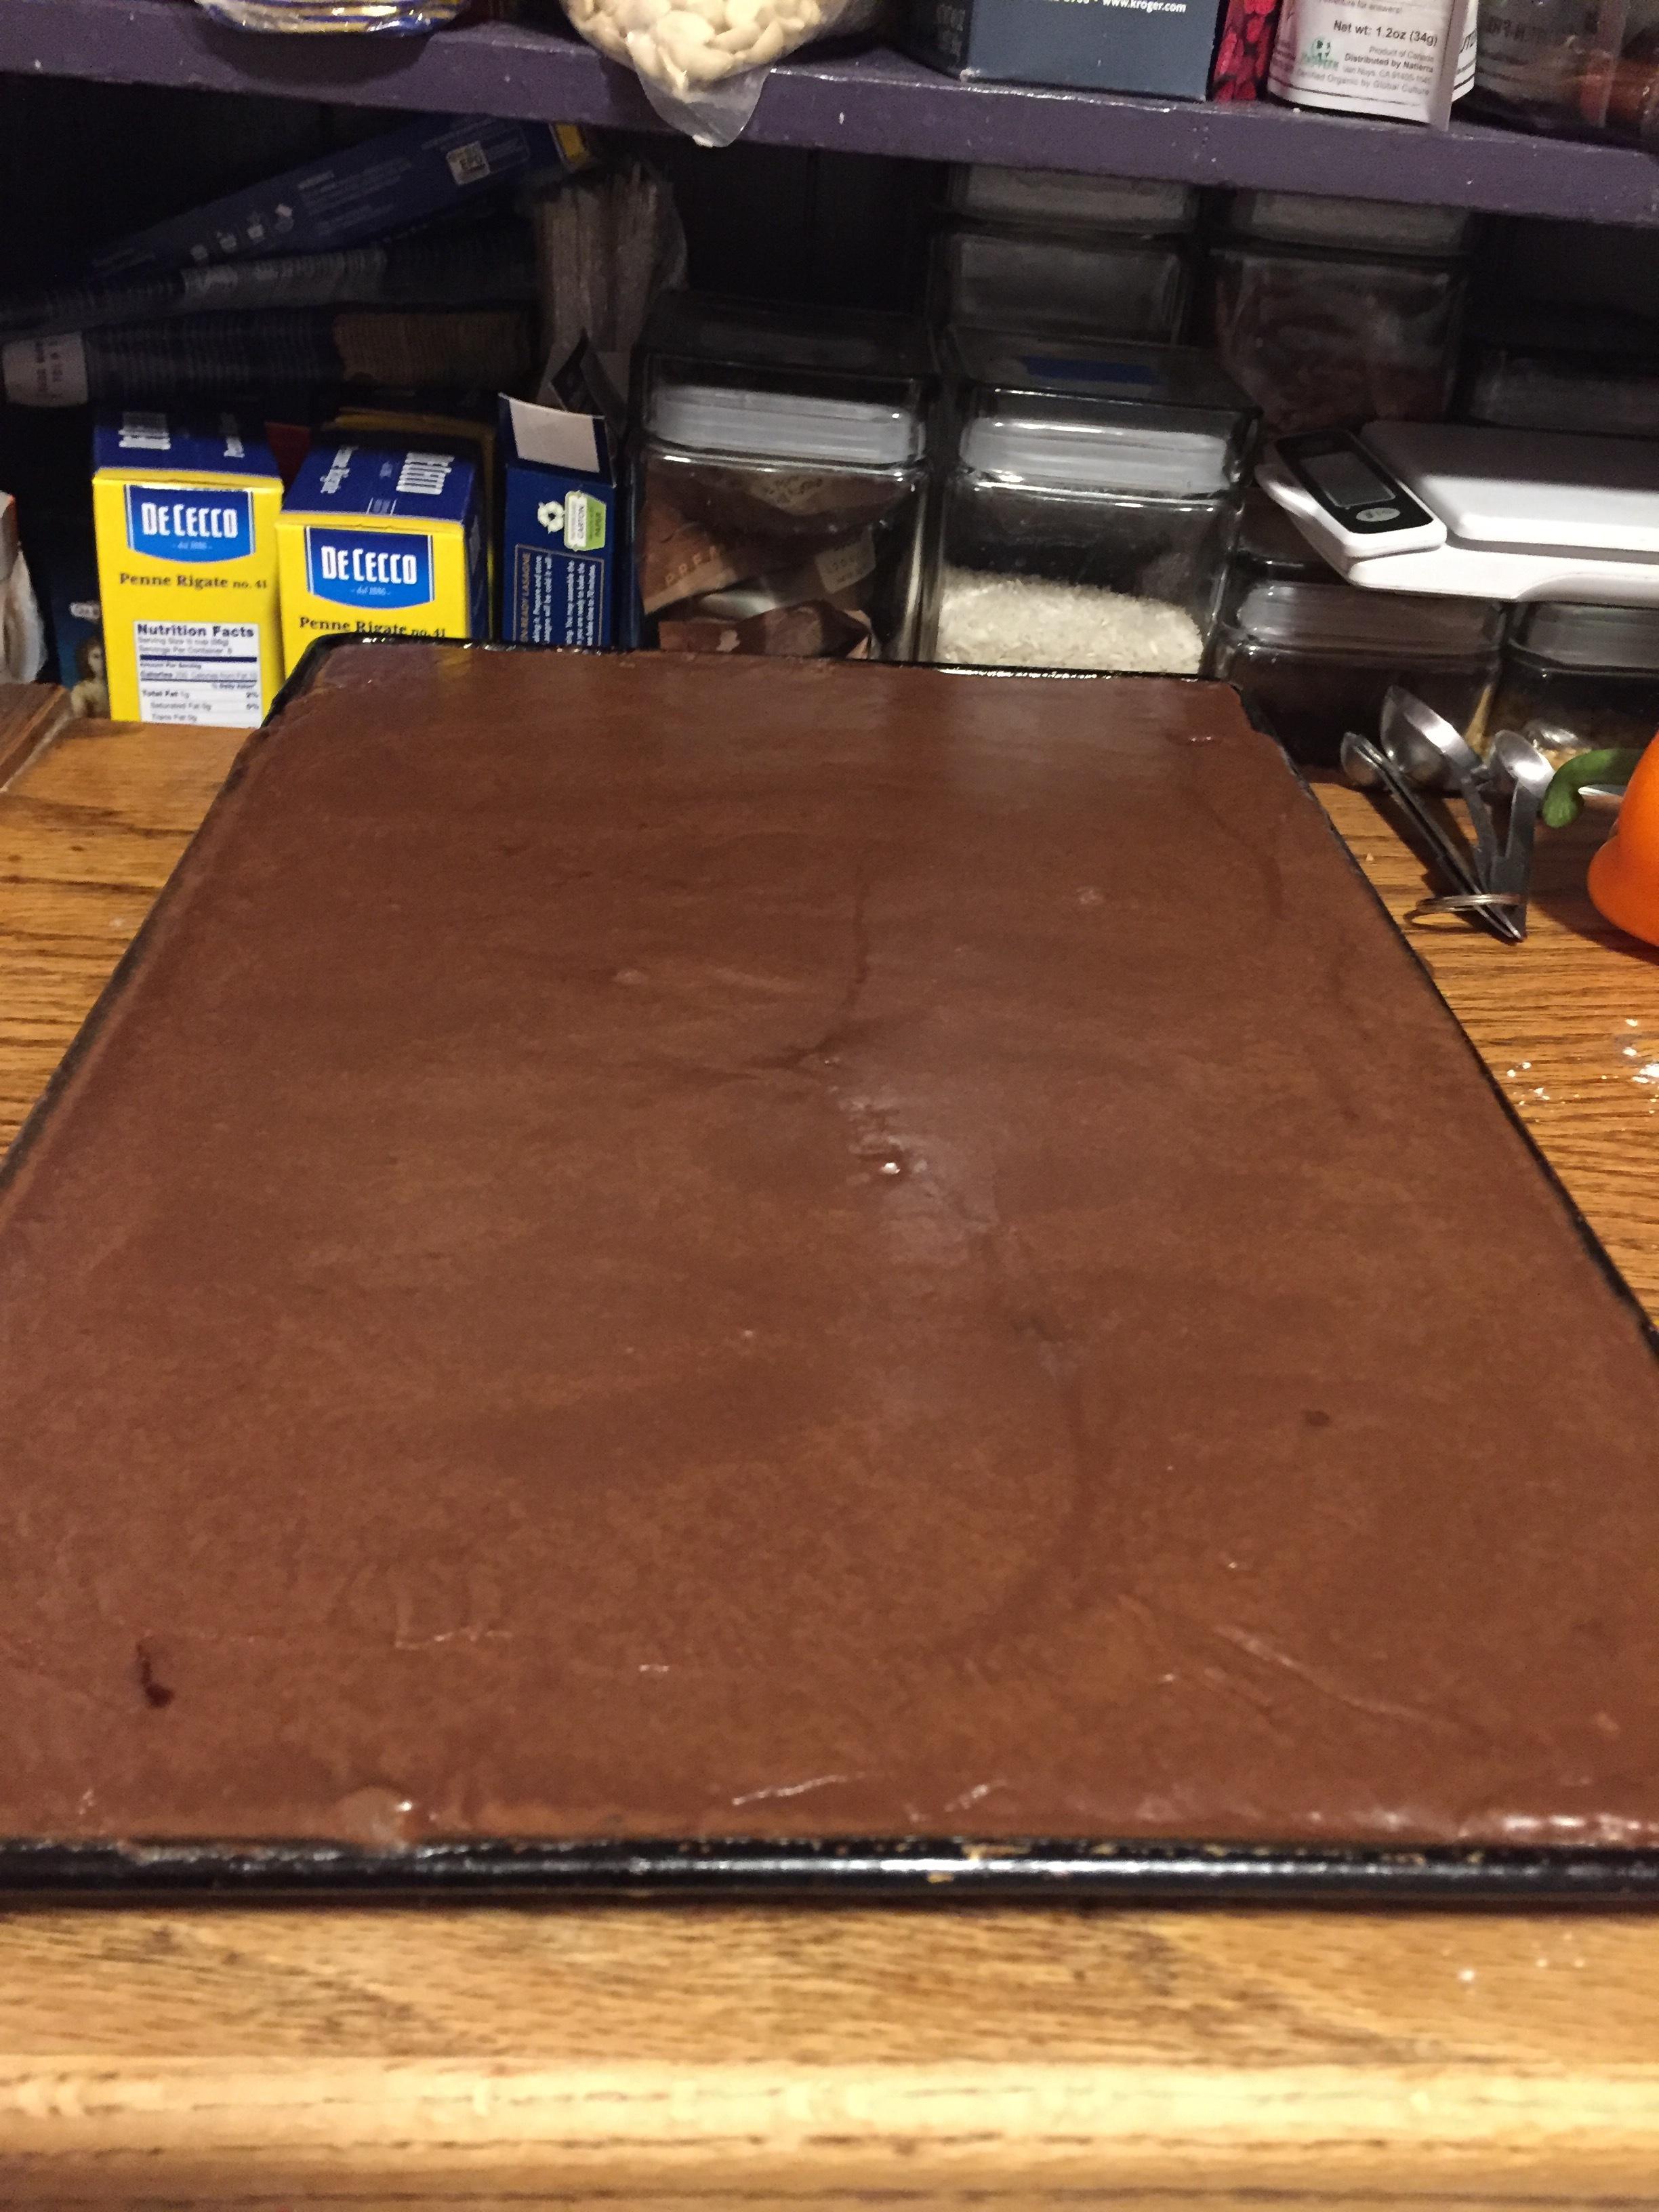 So big and cocoa-y!